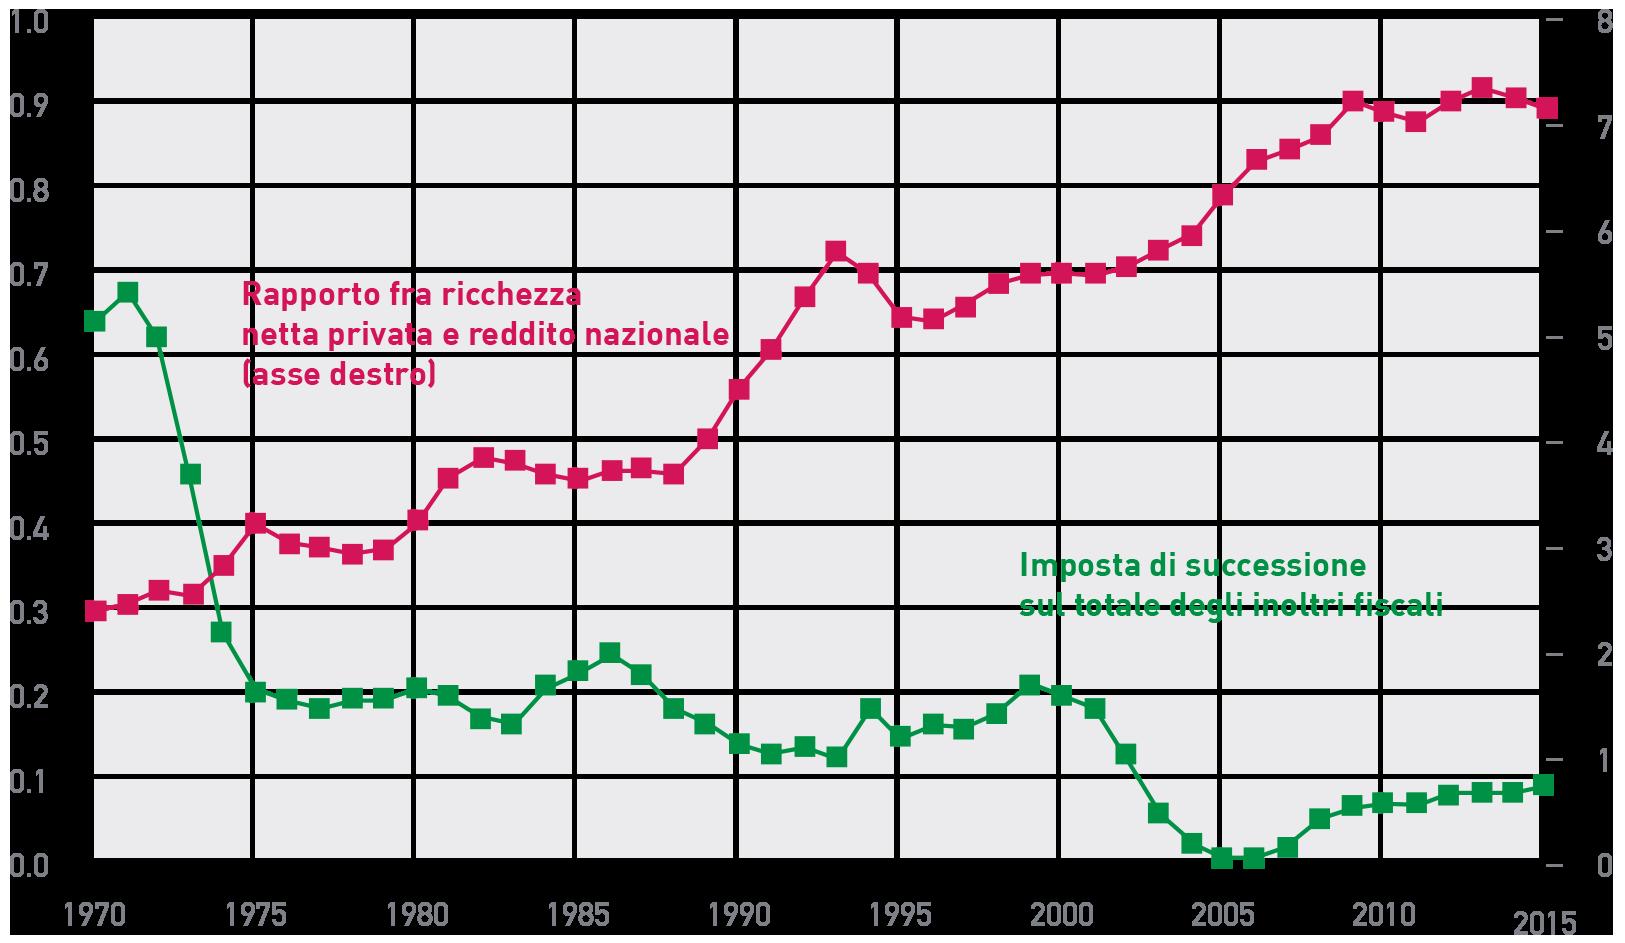 Figura 6 In Italia diminuiscono gli introiti delle imposte di successione a fronte dell'aumento di rilevanza della ricchezza privata nell'economia.